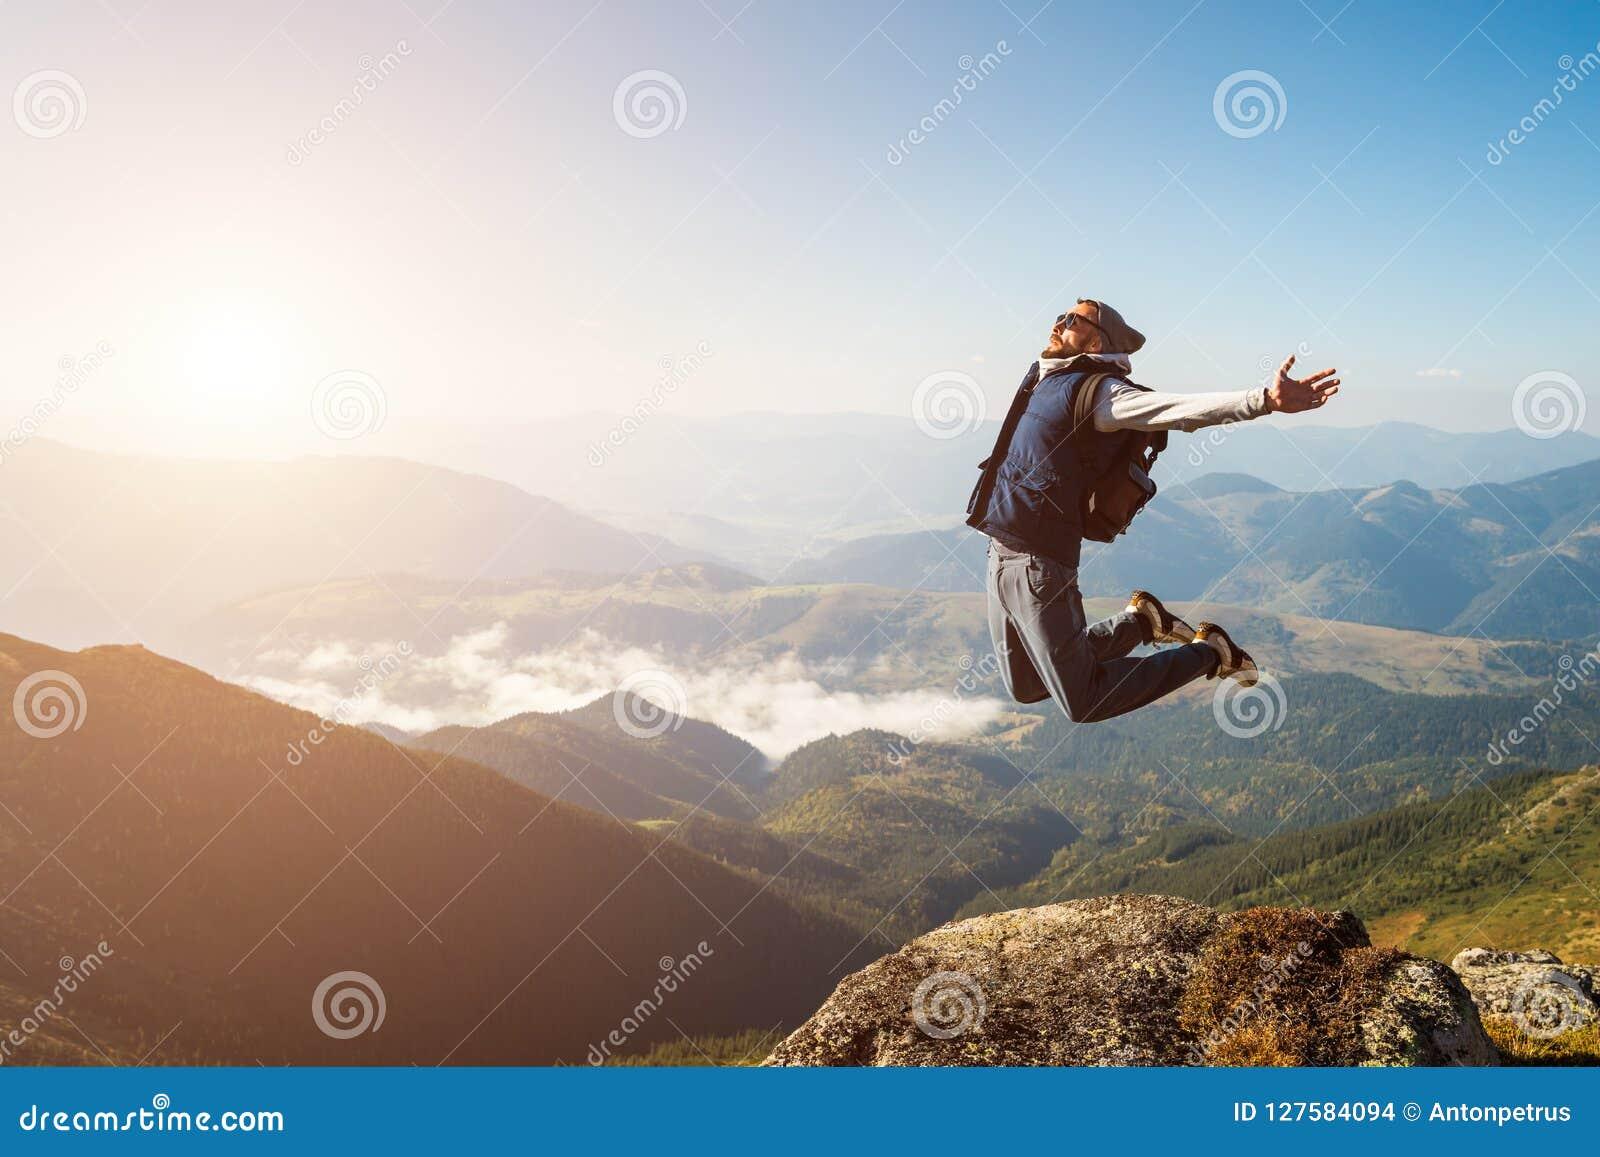 Le jeune homme sautant sur une montagne contre le ciel